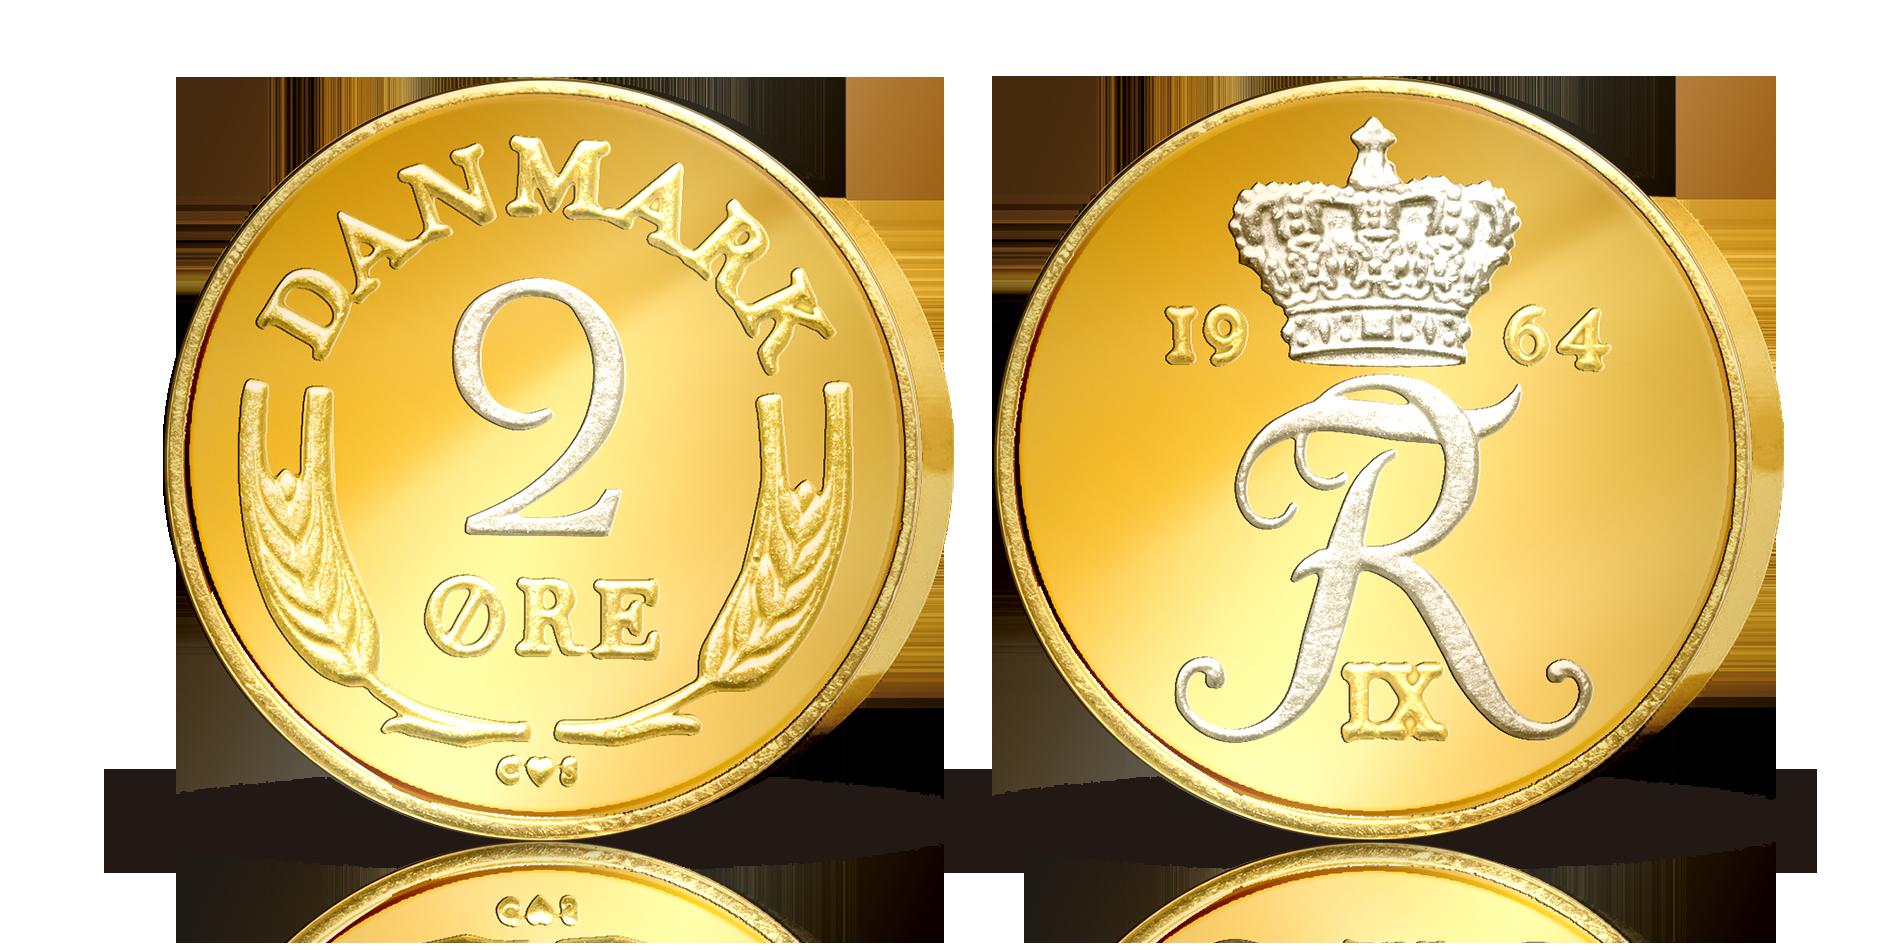 En originale danske mønt med en usædvanlig historie